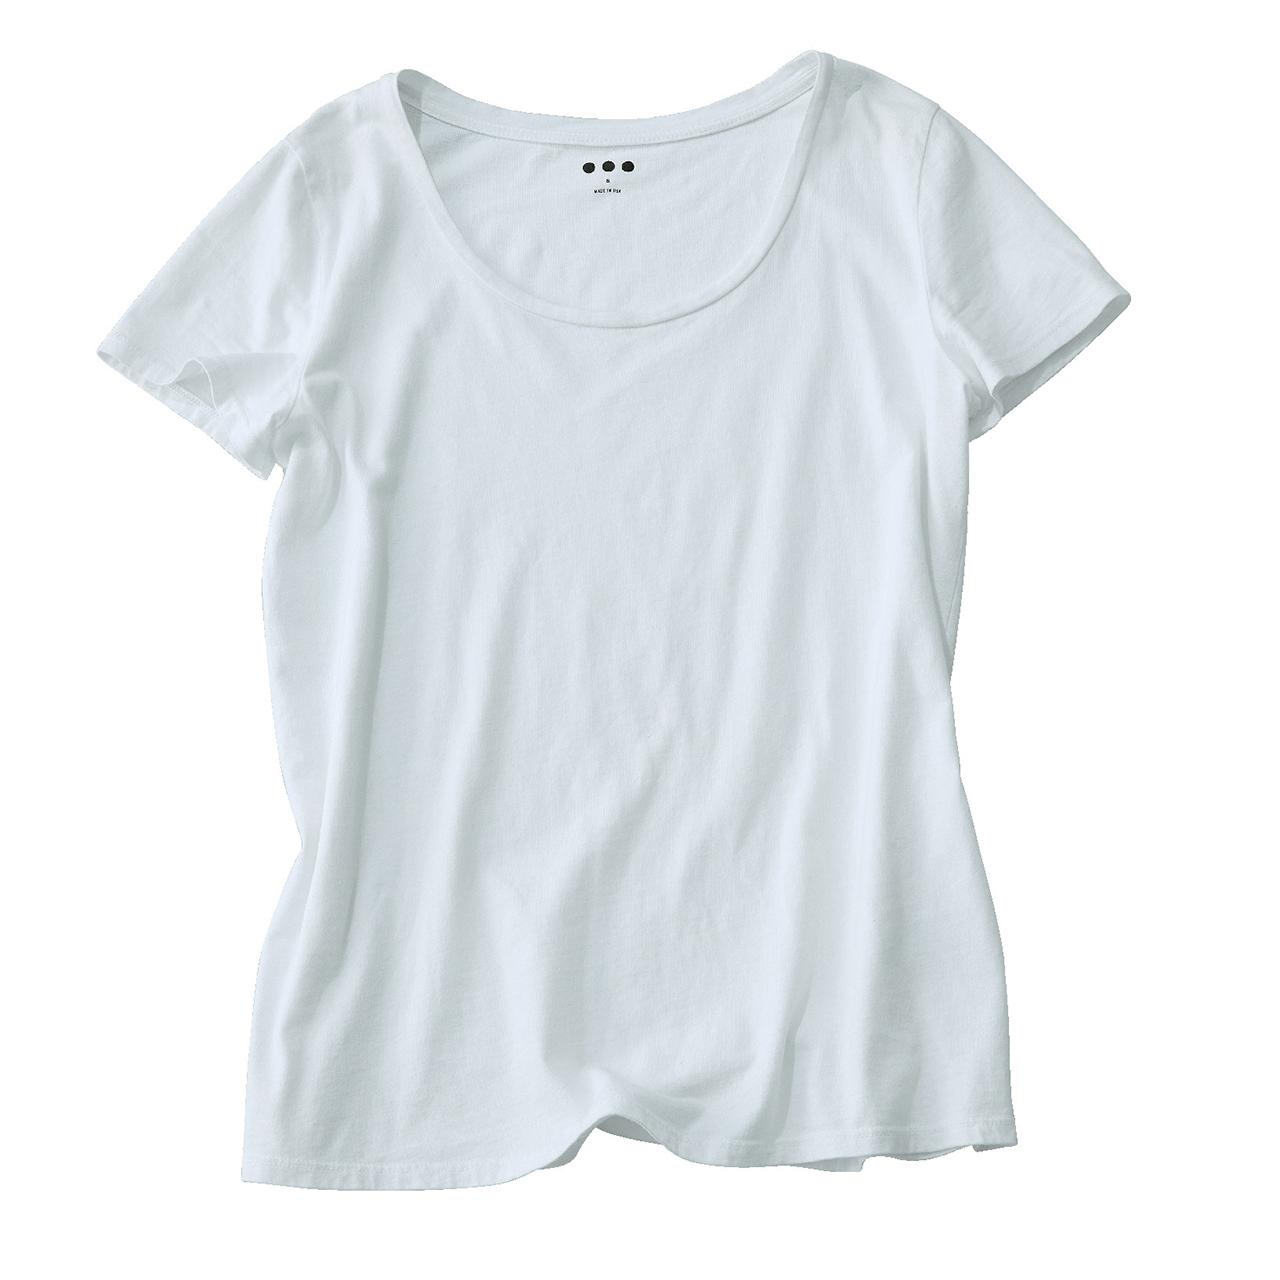 名品だけを厳選! 頼れるのはこのブランドの白Tシャツ 五選_1_2